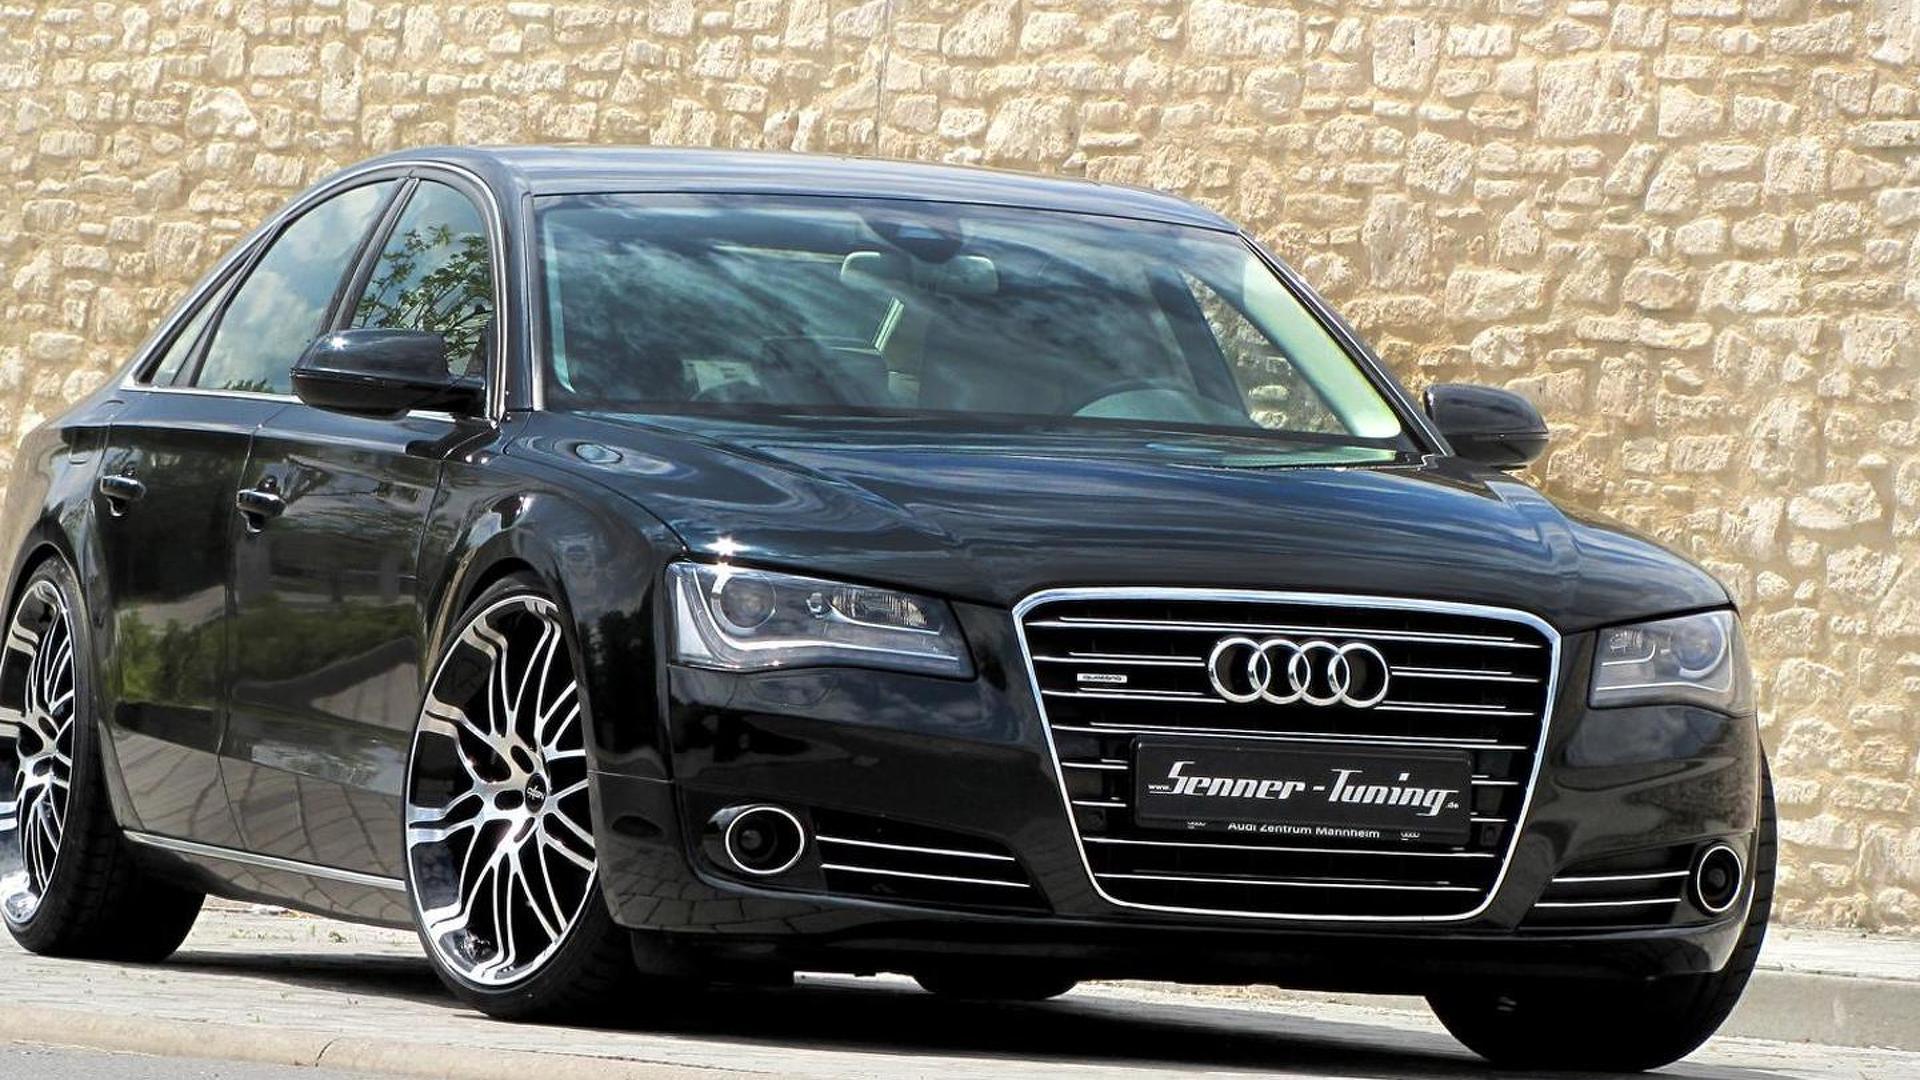 Тюнинг Audi A8 4.2 V8 от Senner